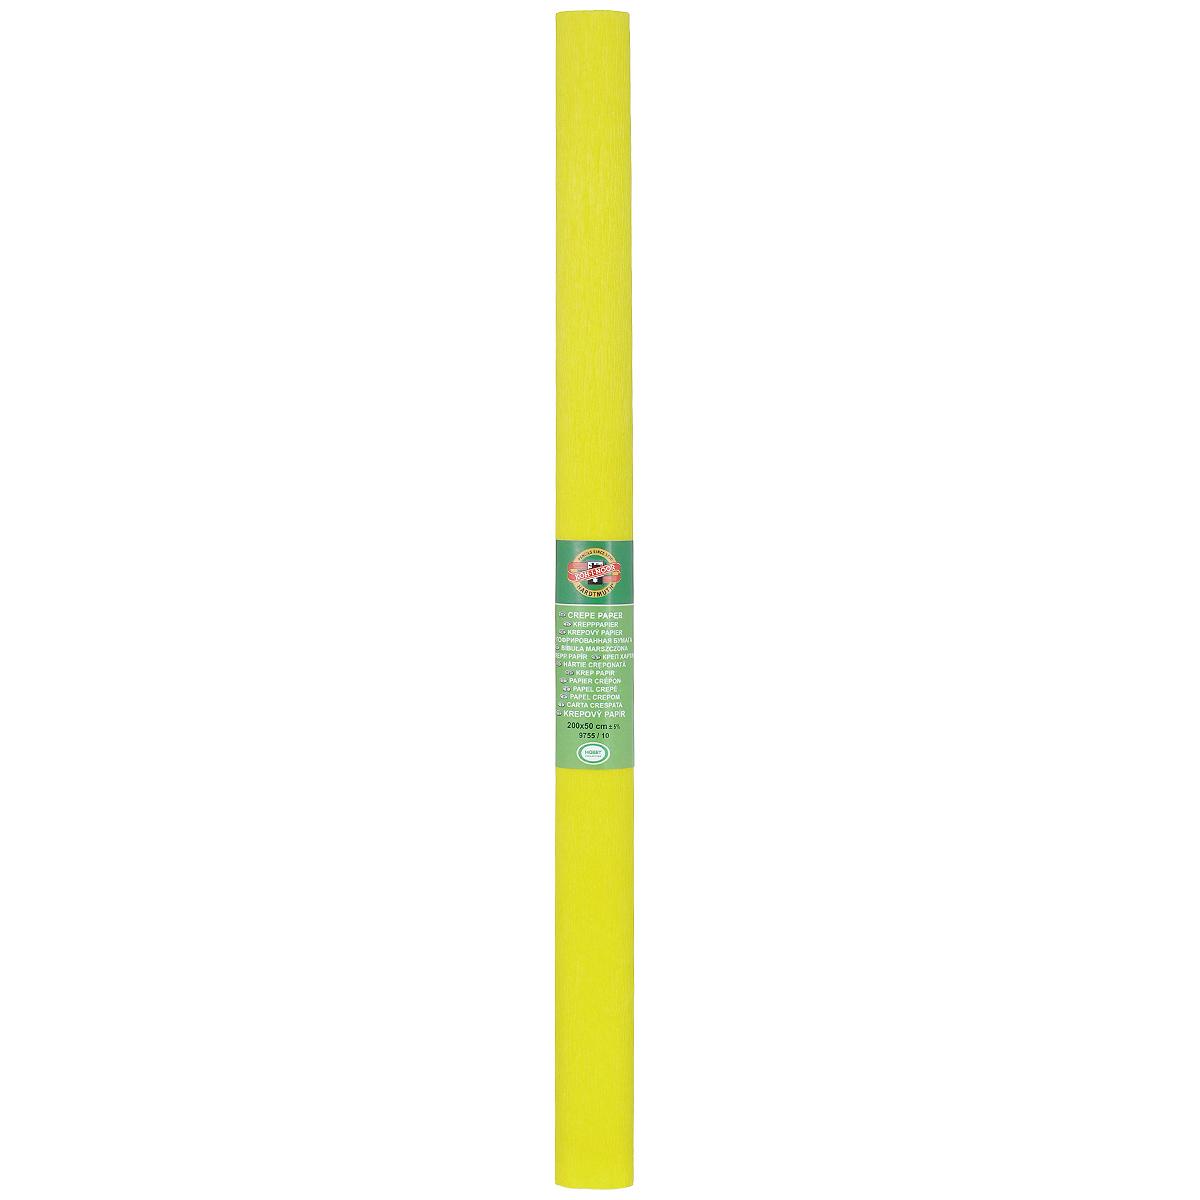 Бумага крепированная Koh-I-Noor, цвет: желтый, 50 см x 2 м9755/09Крепированная бумага Koh-I-Noor - прекрасный материал для декорирования, изготовления эффектной упаковки и различных поделок. Бумага прекрасно держит форму, не пачкает руки, отлично крепится и замечательно подходит для изготовления праздничной упаковки для цветов.